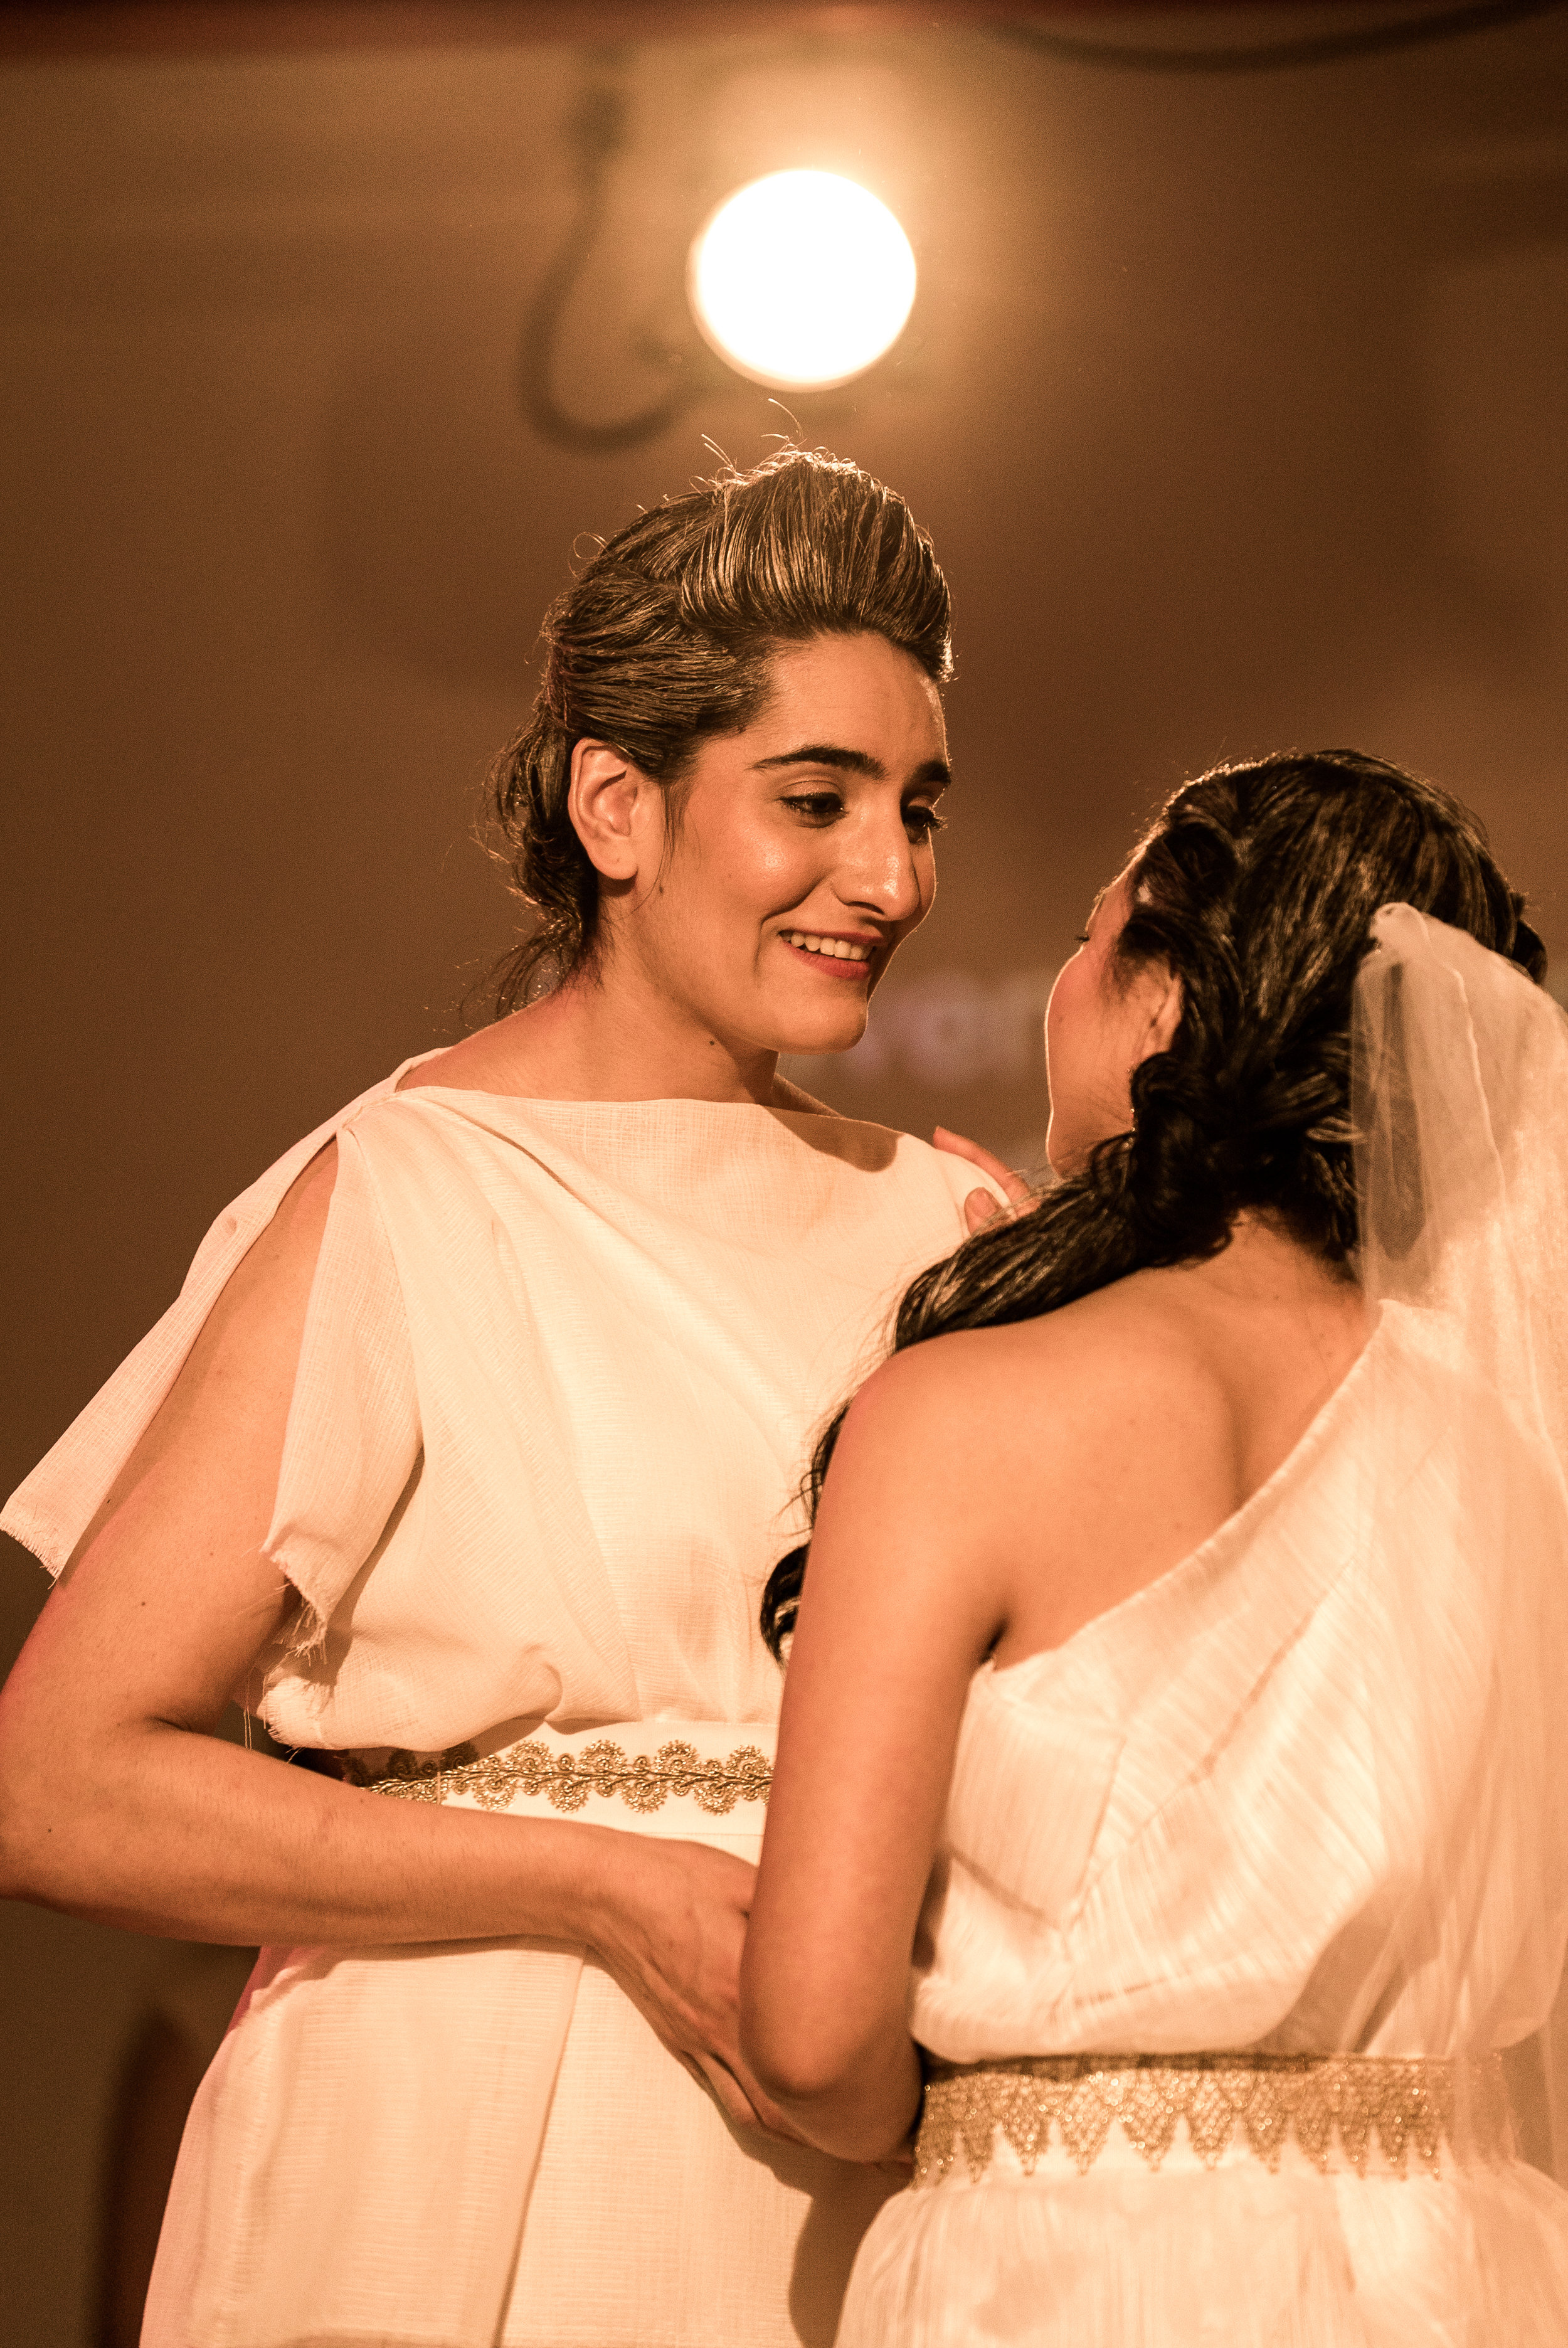 Aumna Iqbal as Orfeo in Euridice. Photo credit: Lucas Godlewski